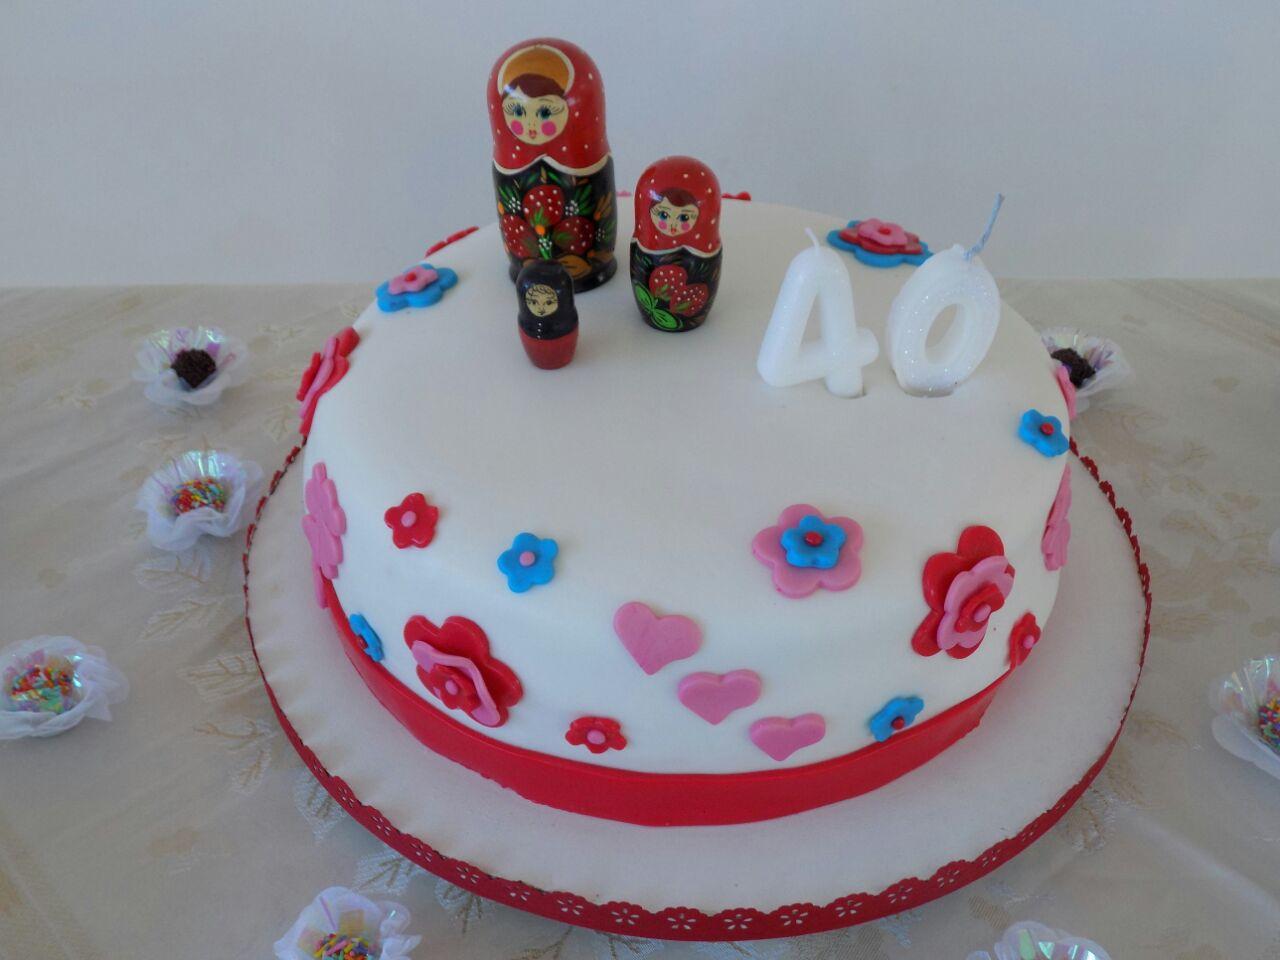 Terapia da casa festa da matrioska comemorando 40 anos - Matrioska in terapia ...